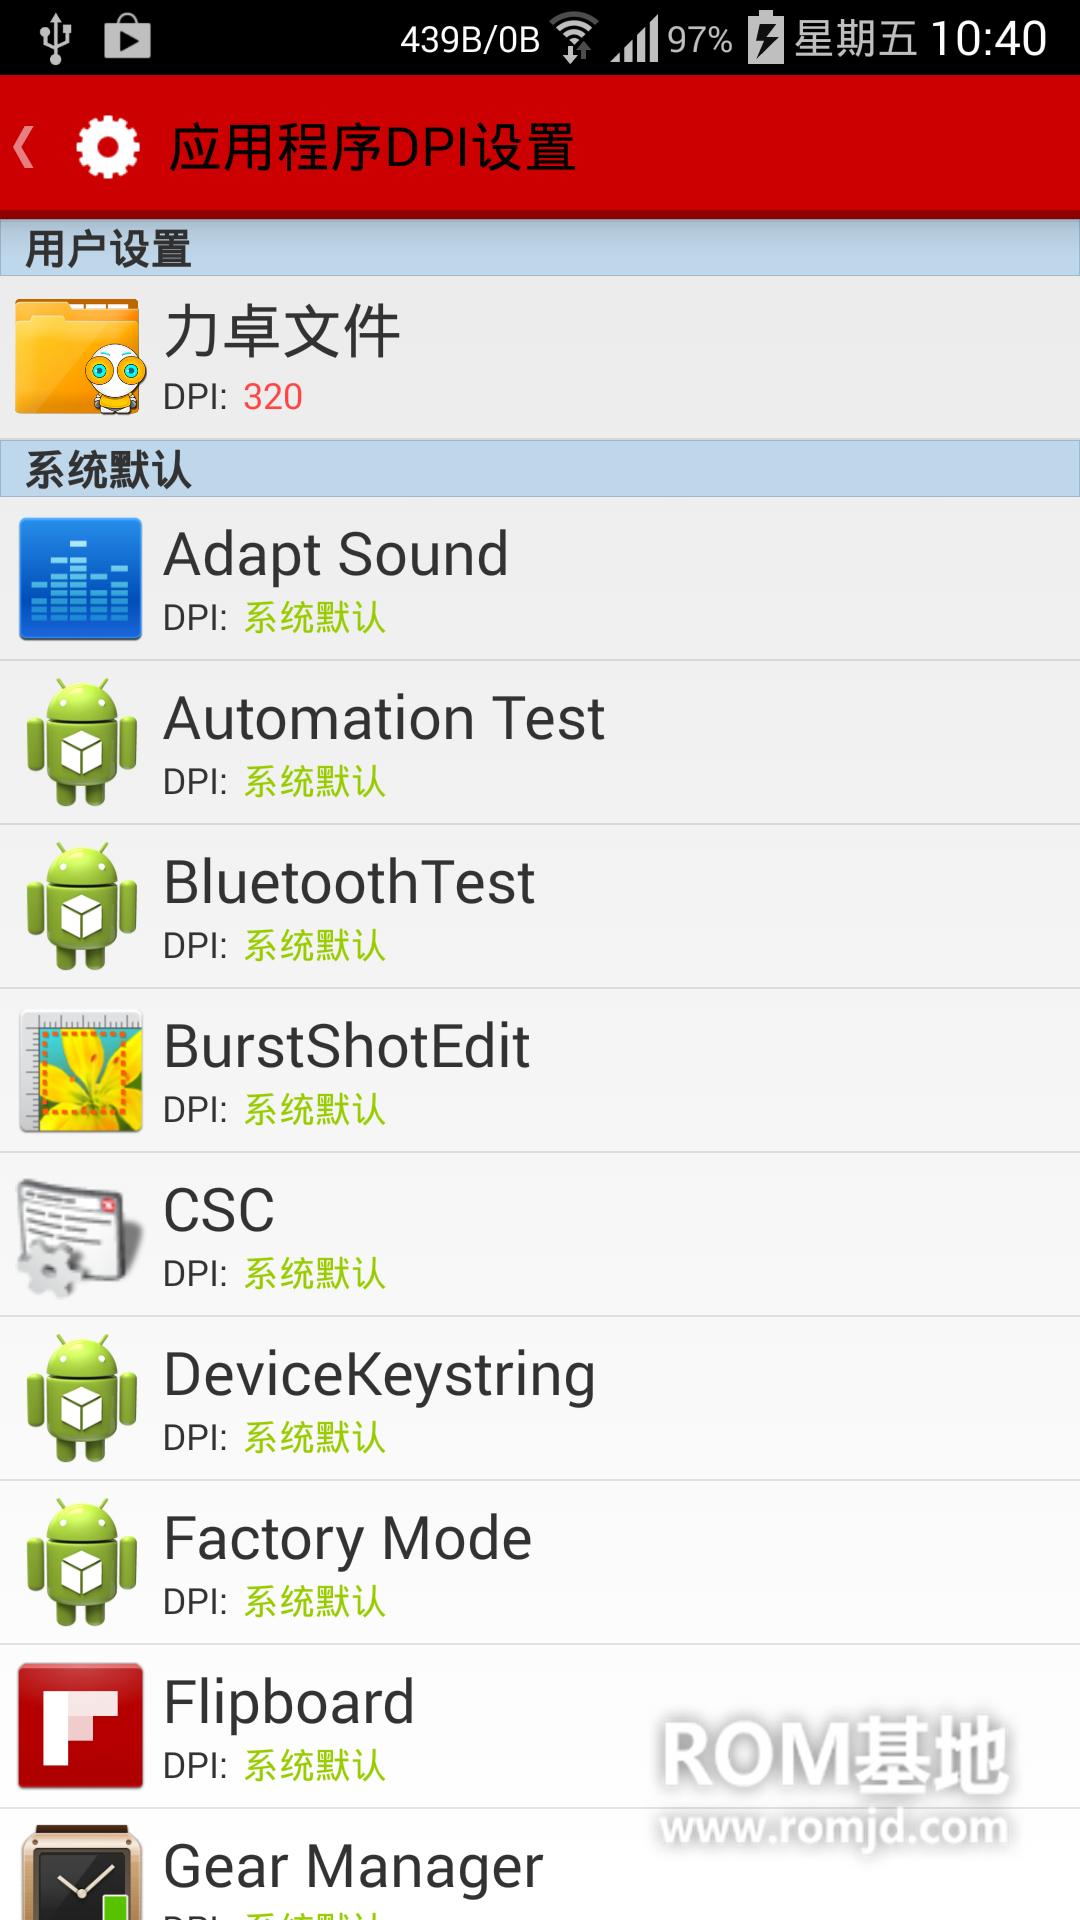 三星 N900(Note3)刷机包 Lidroid 4.4.2 v2.1/完美ROOT/主题支持/通ROM刷机包截图